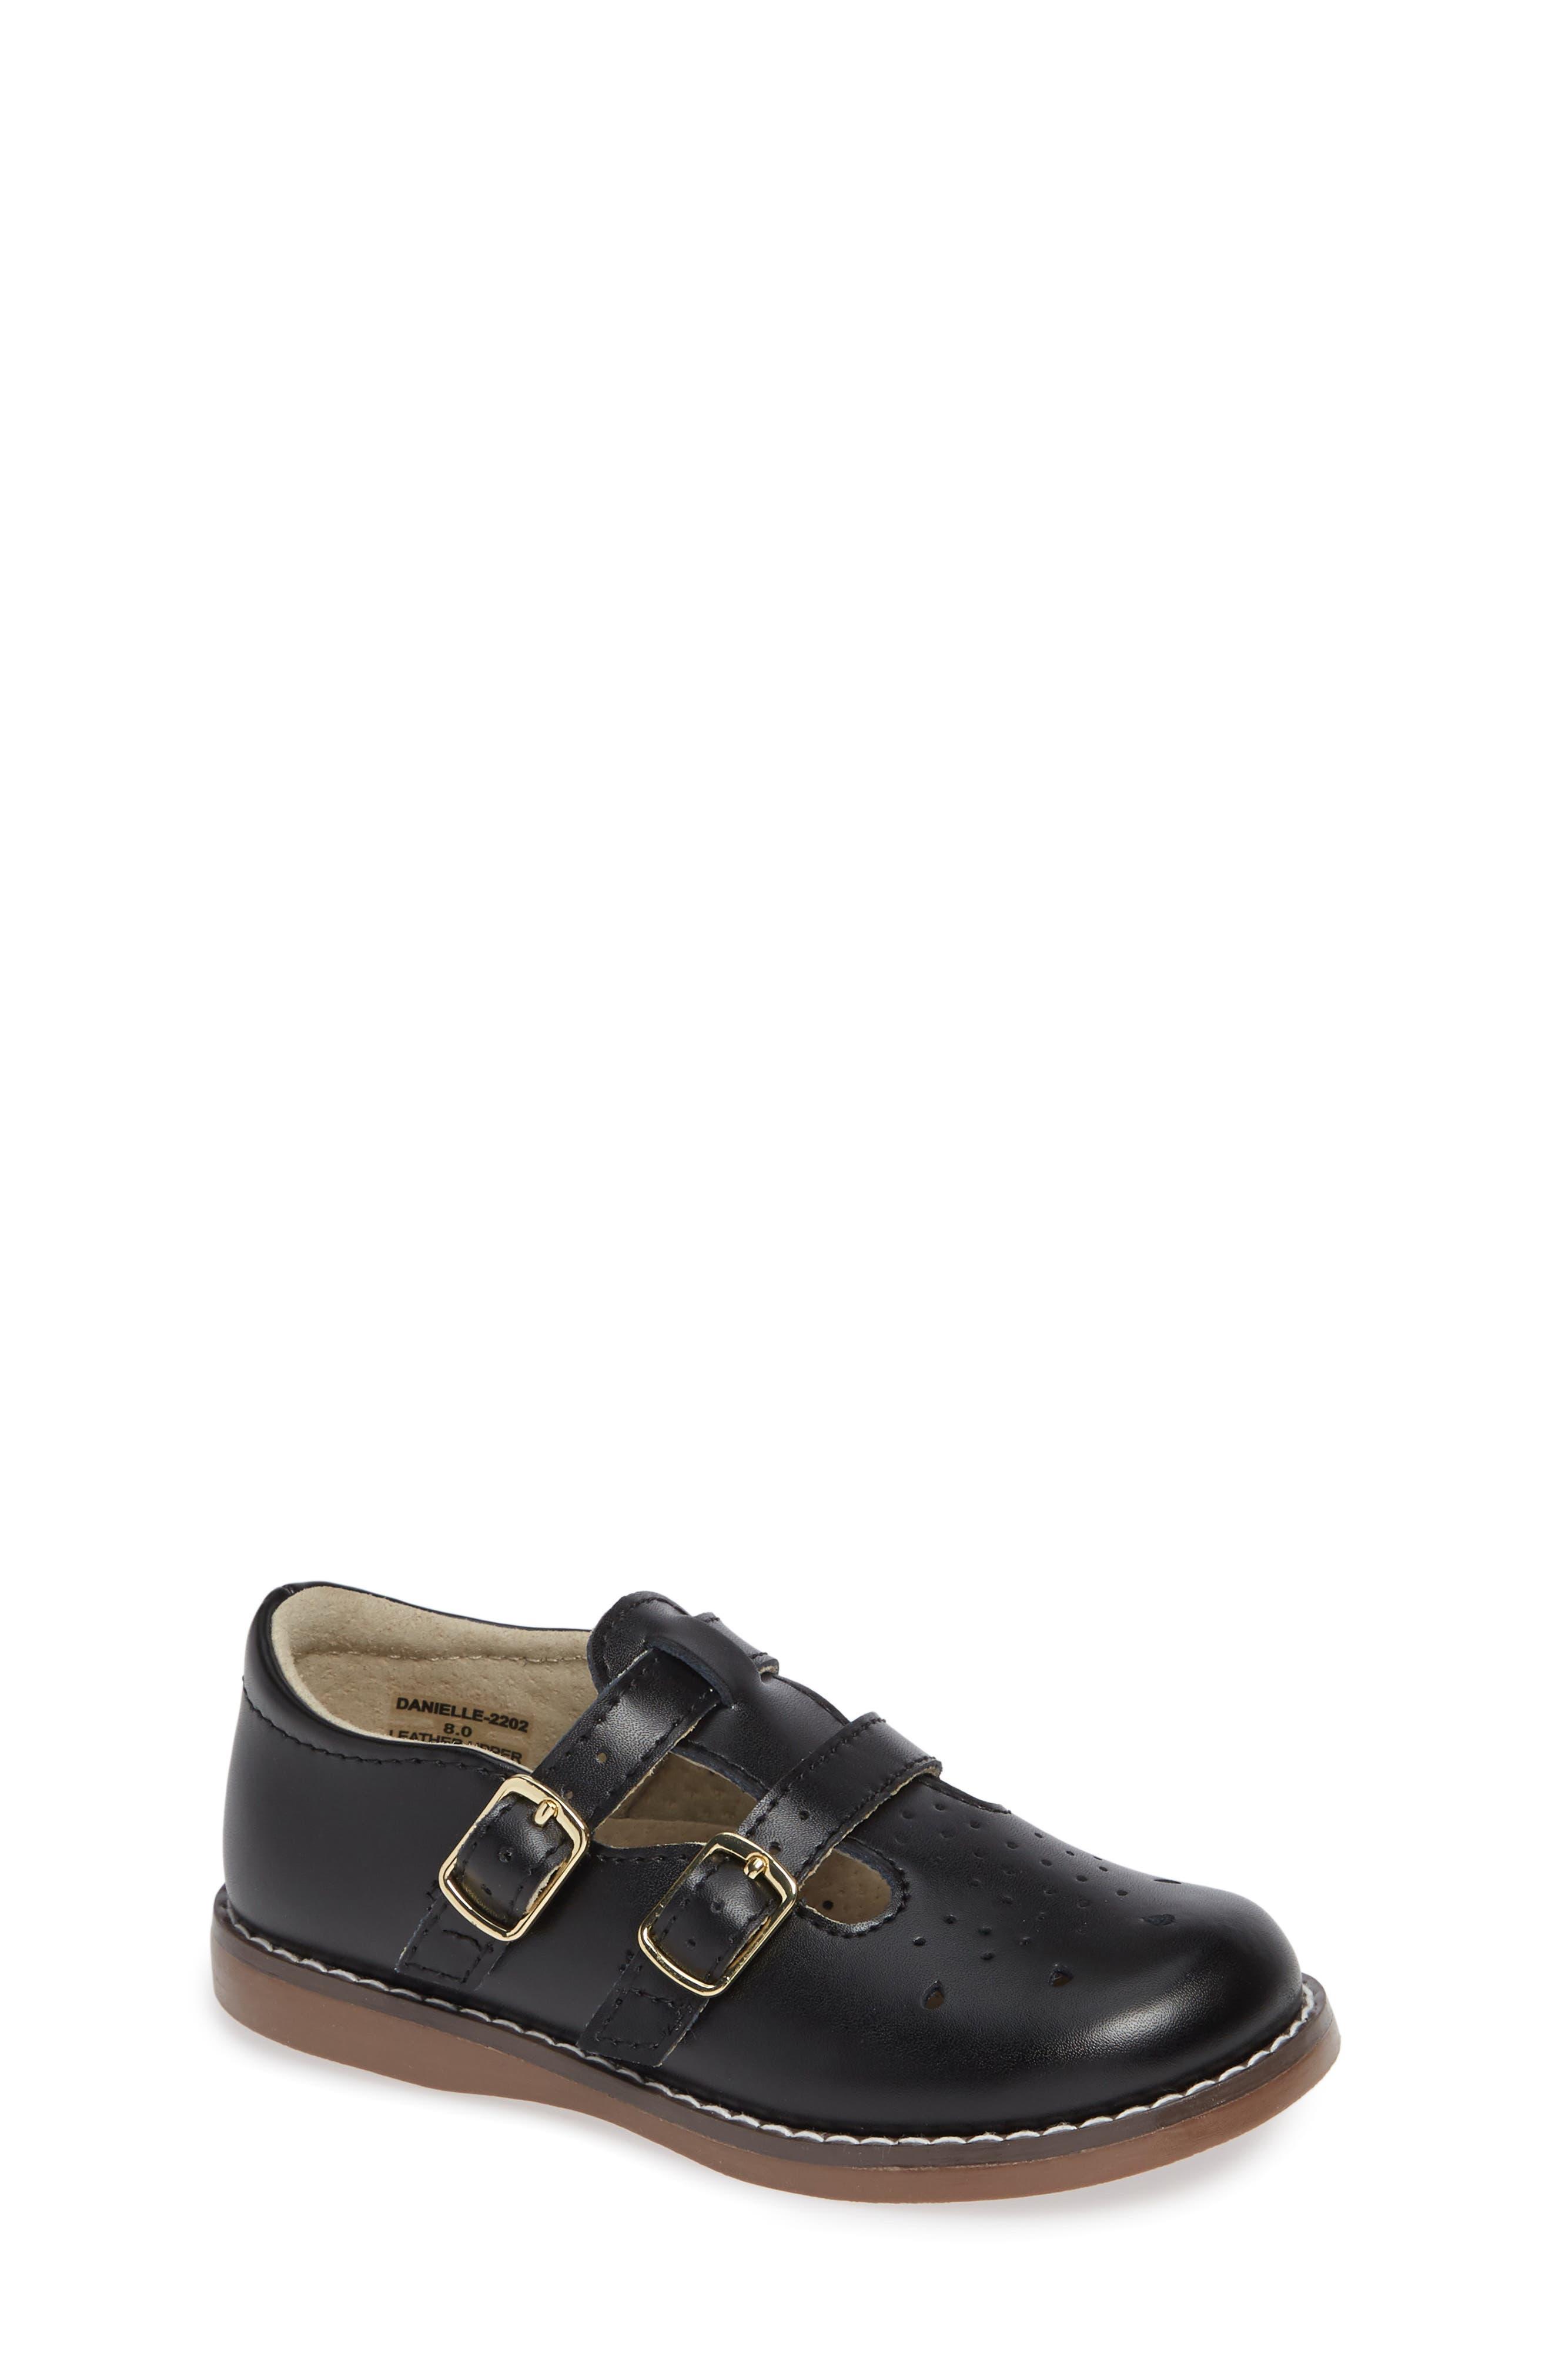 FOOTMATES Danielle Double Strap Shoe, Main, color, BLACK